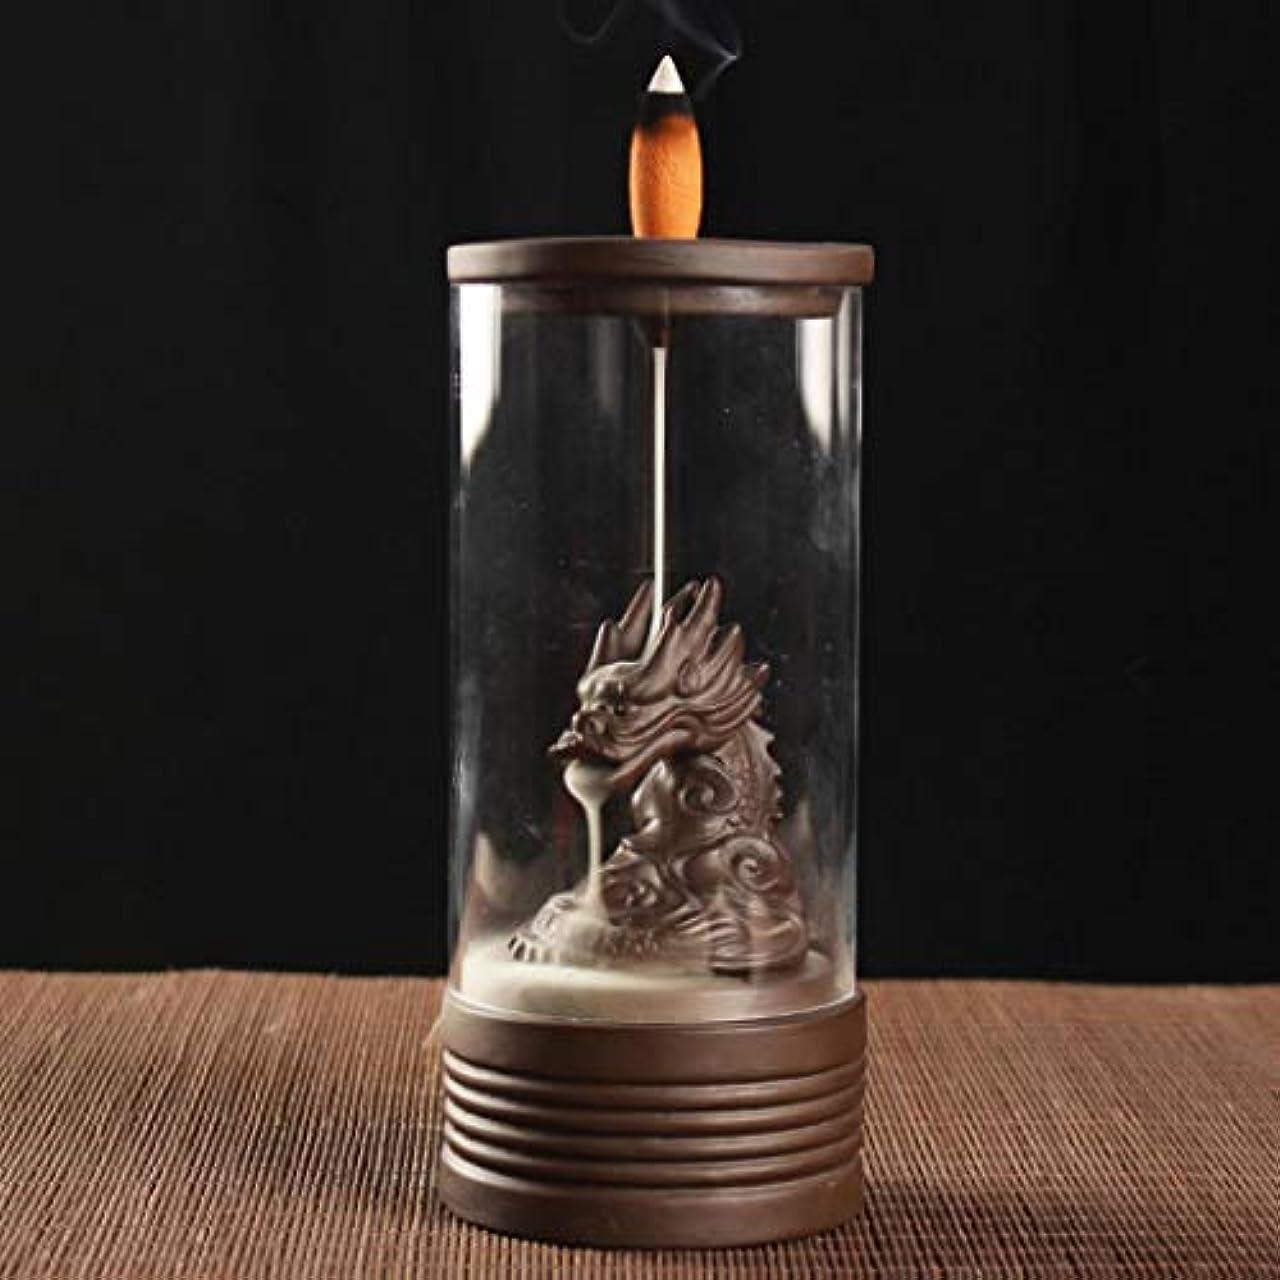 賞おなじみの起きているAlenx ドラゴン 逆流香立て 家庭用香炉 逆流香10個付き 陶器香炉 香炉 ブラウン USZVTBO644722